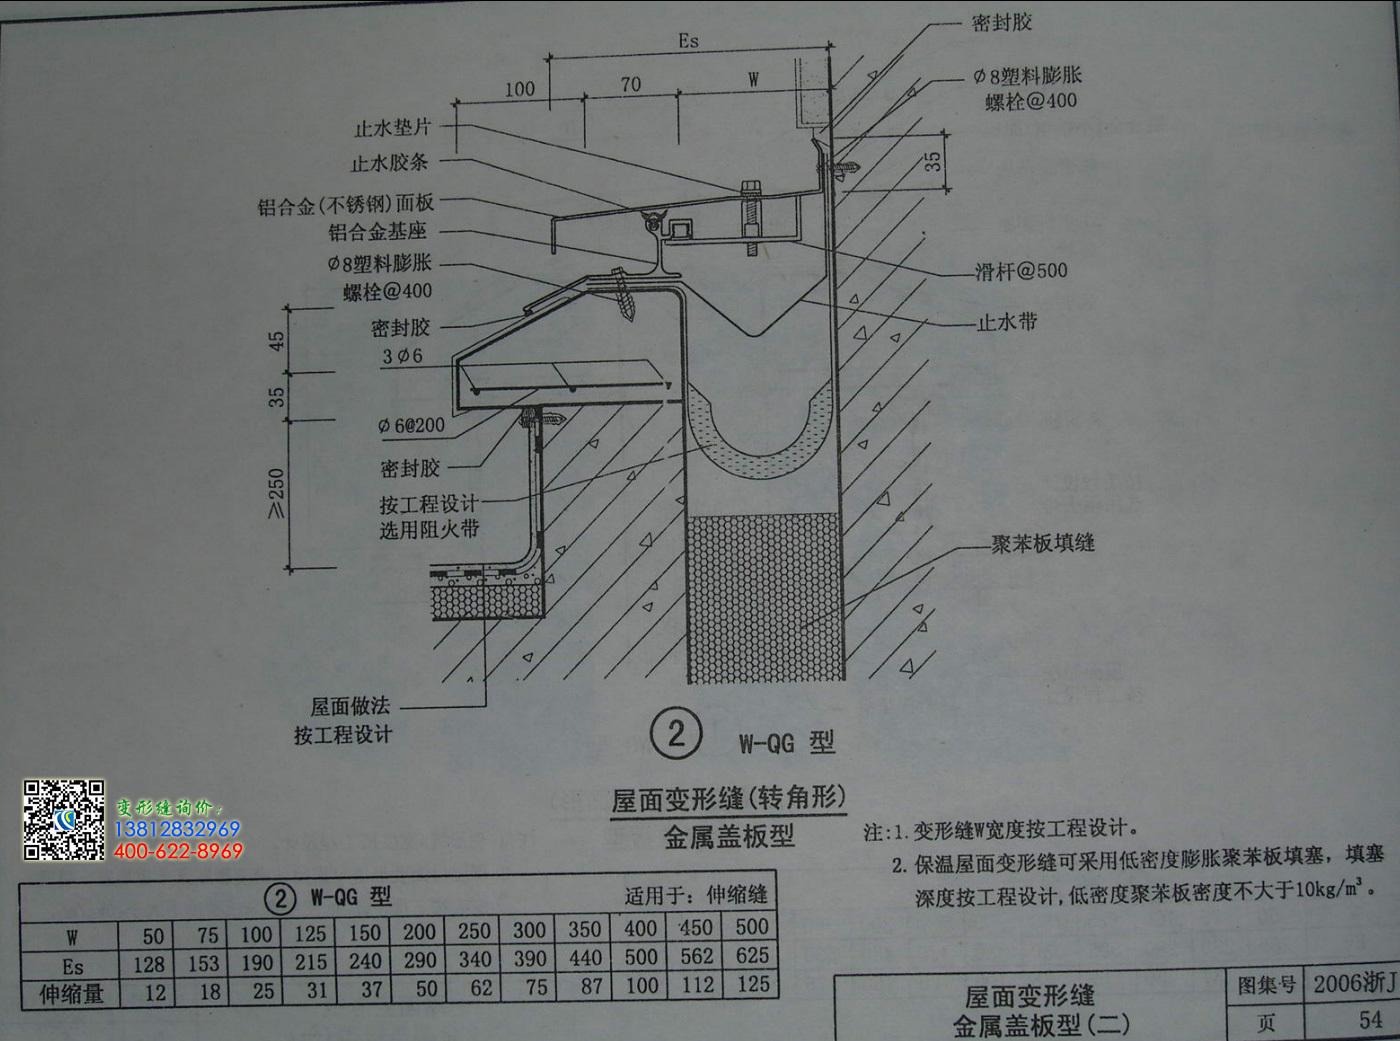 2006浙j55变形缝图集第54页